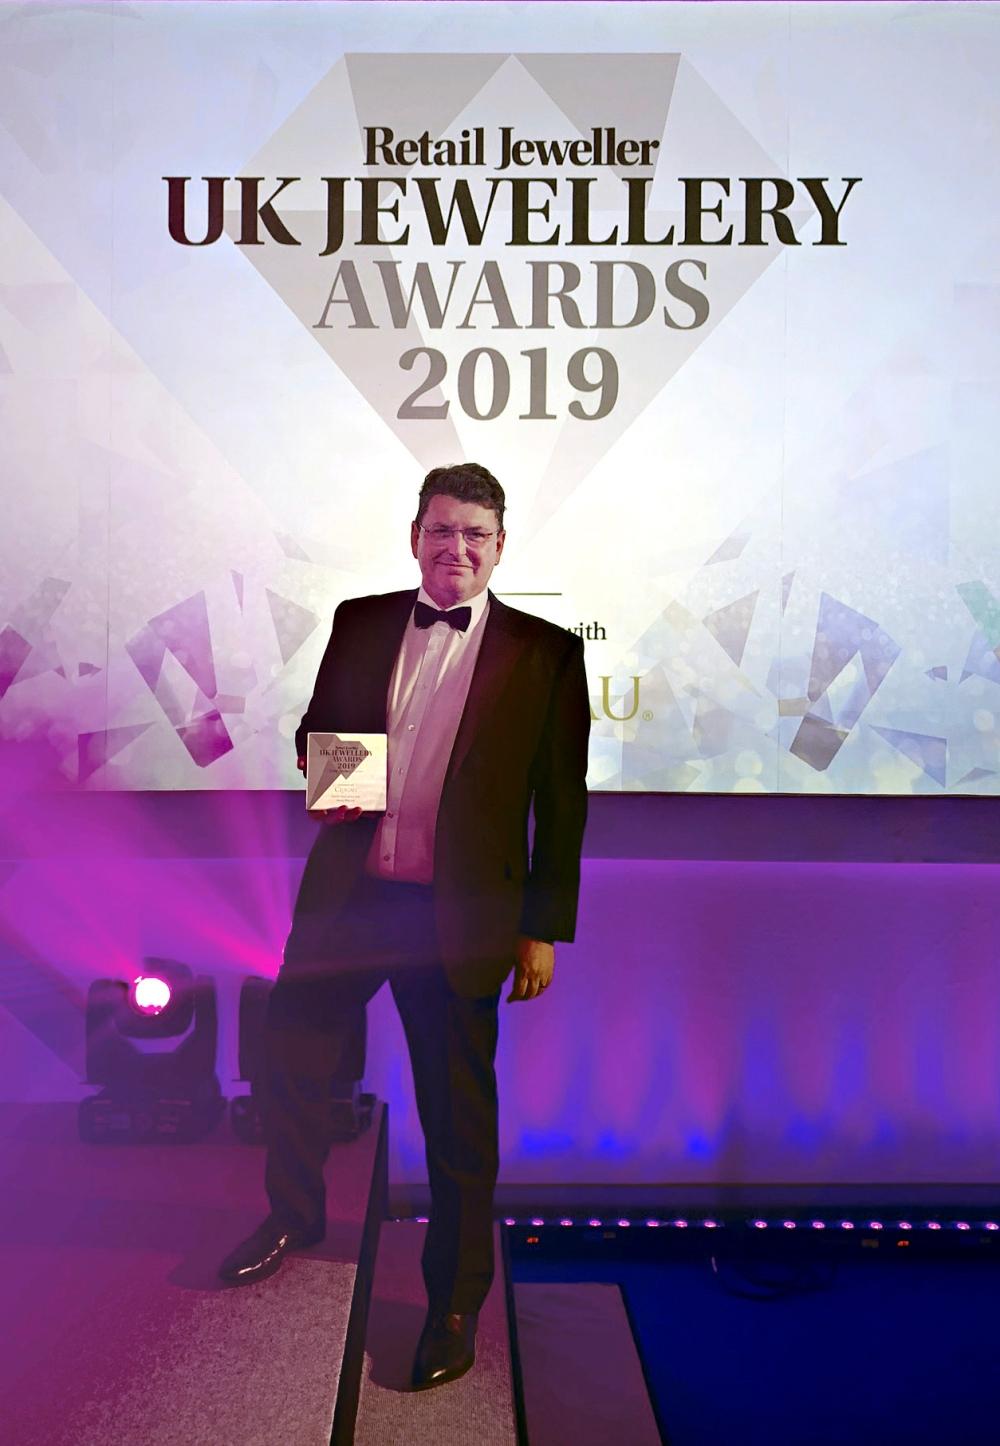 UKJA Peter with award